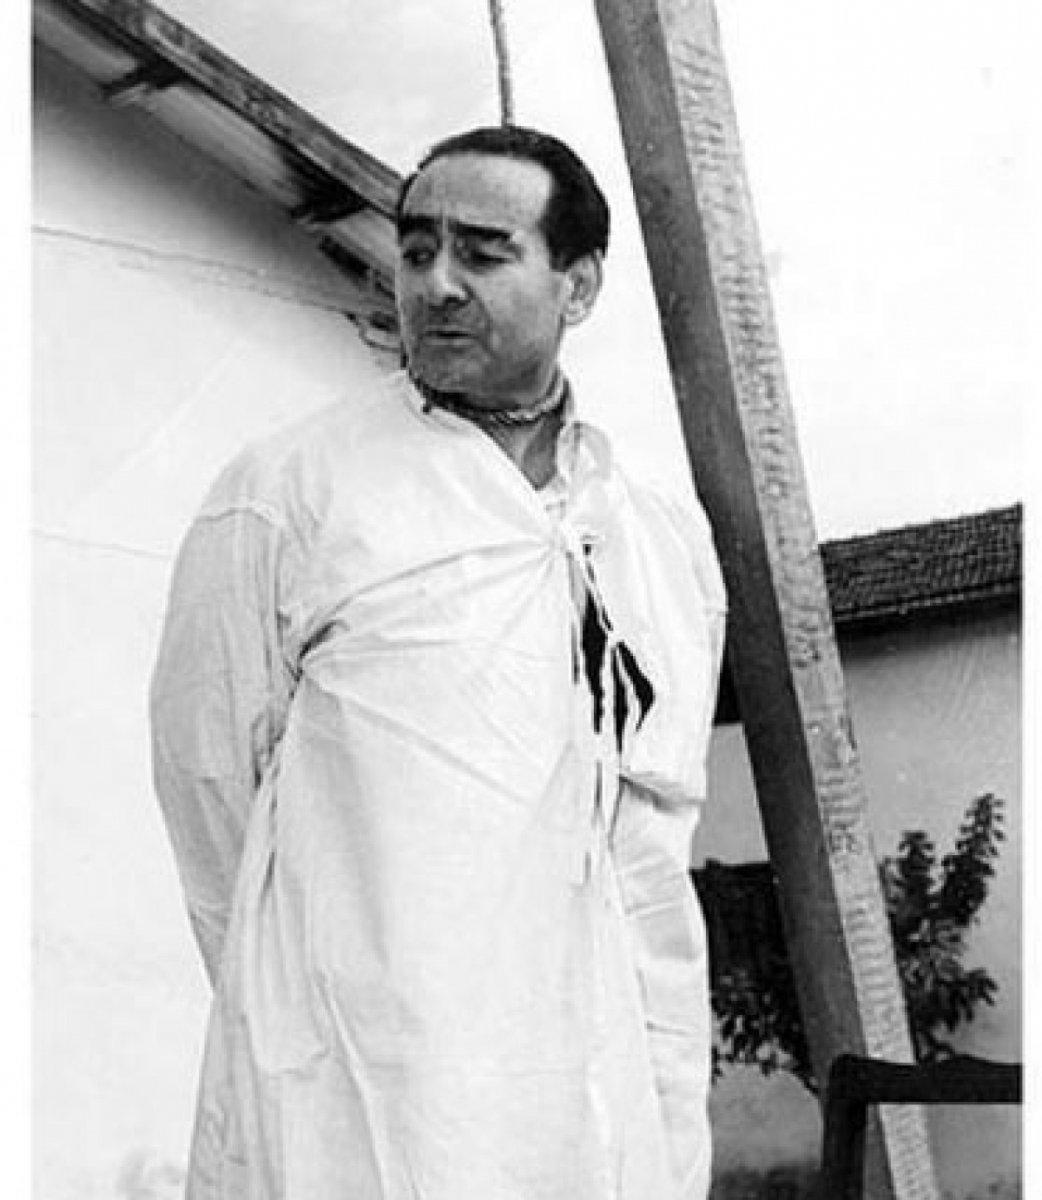 Menderes in idamını fotoğrafladı: 15-20 gün uyuyamadım #3